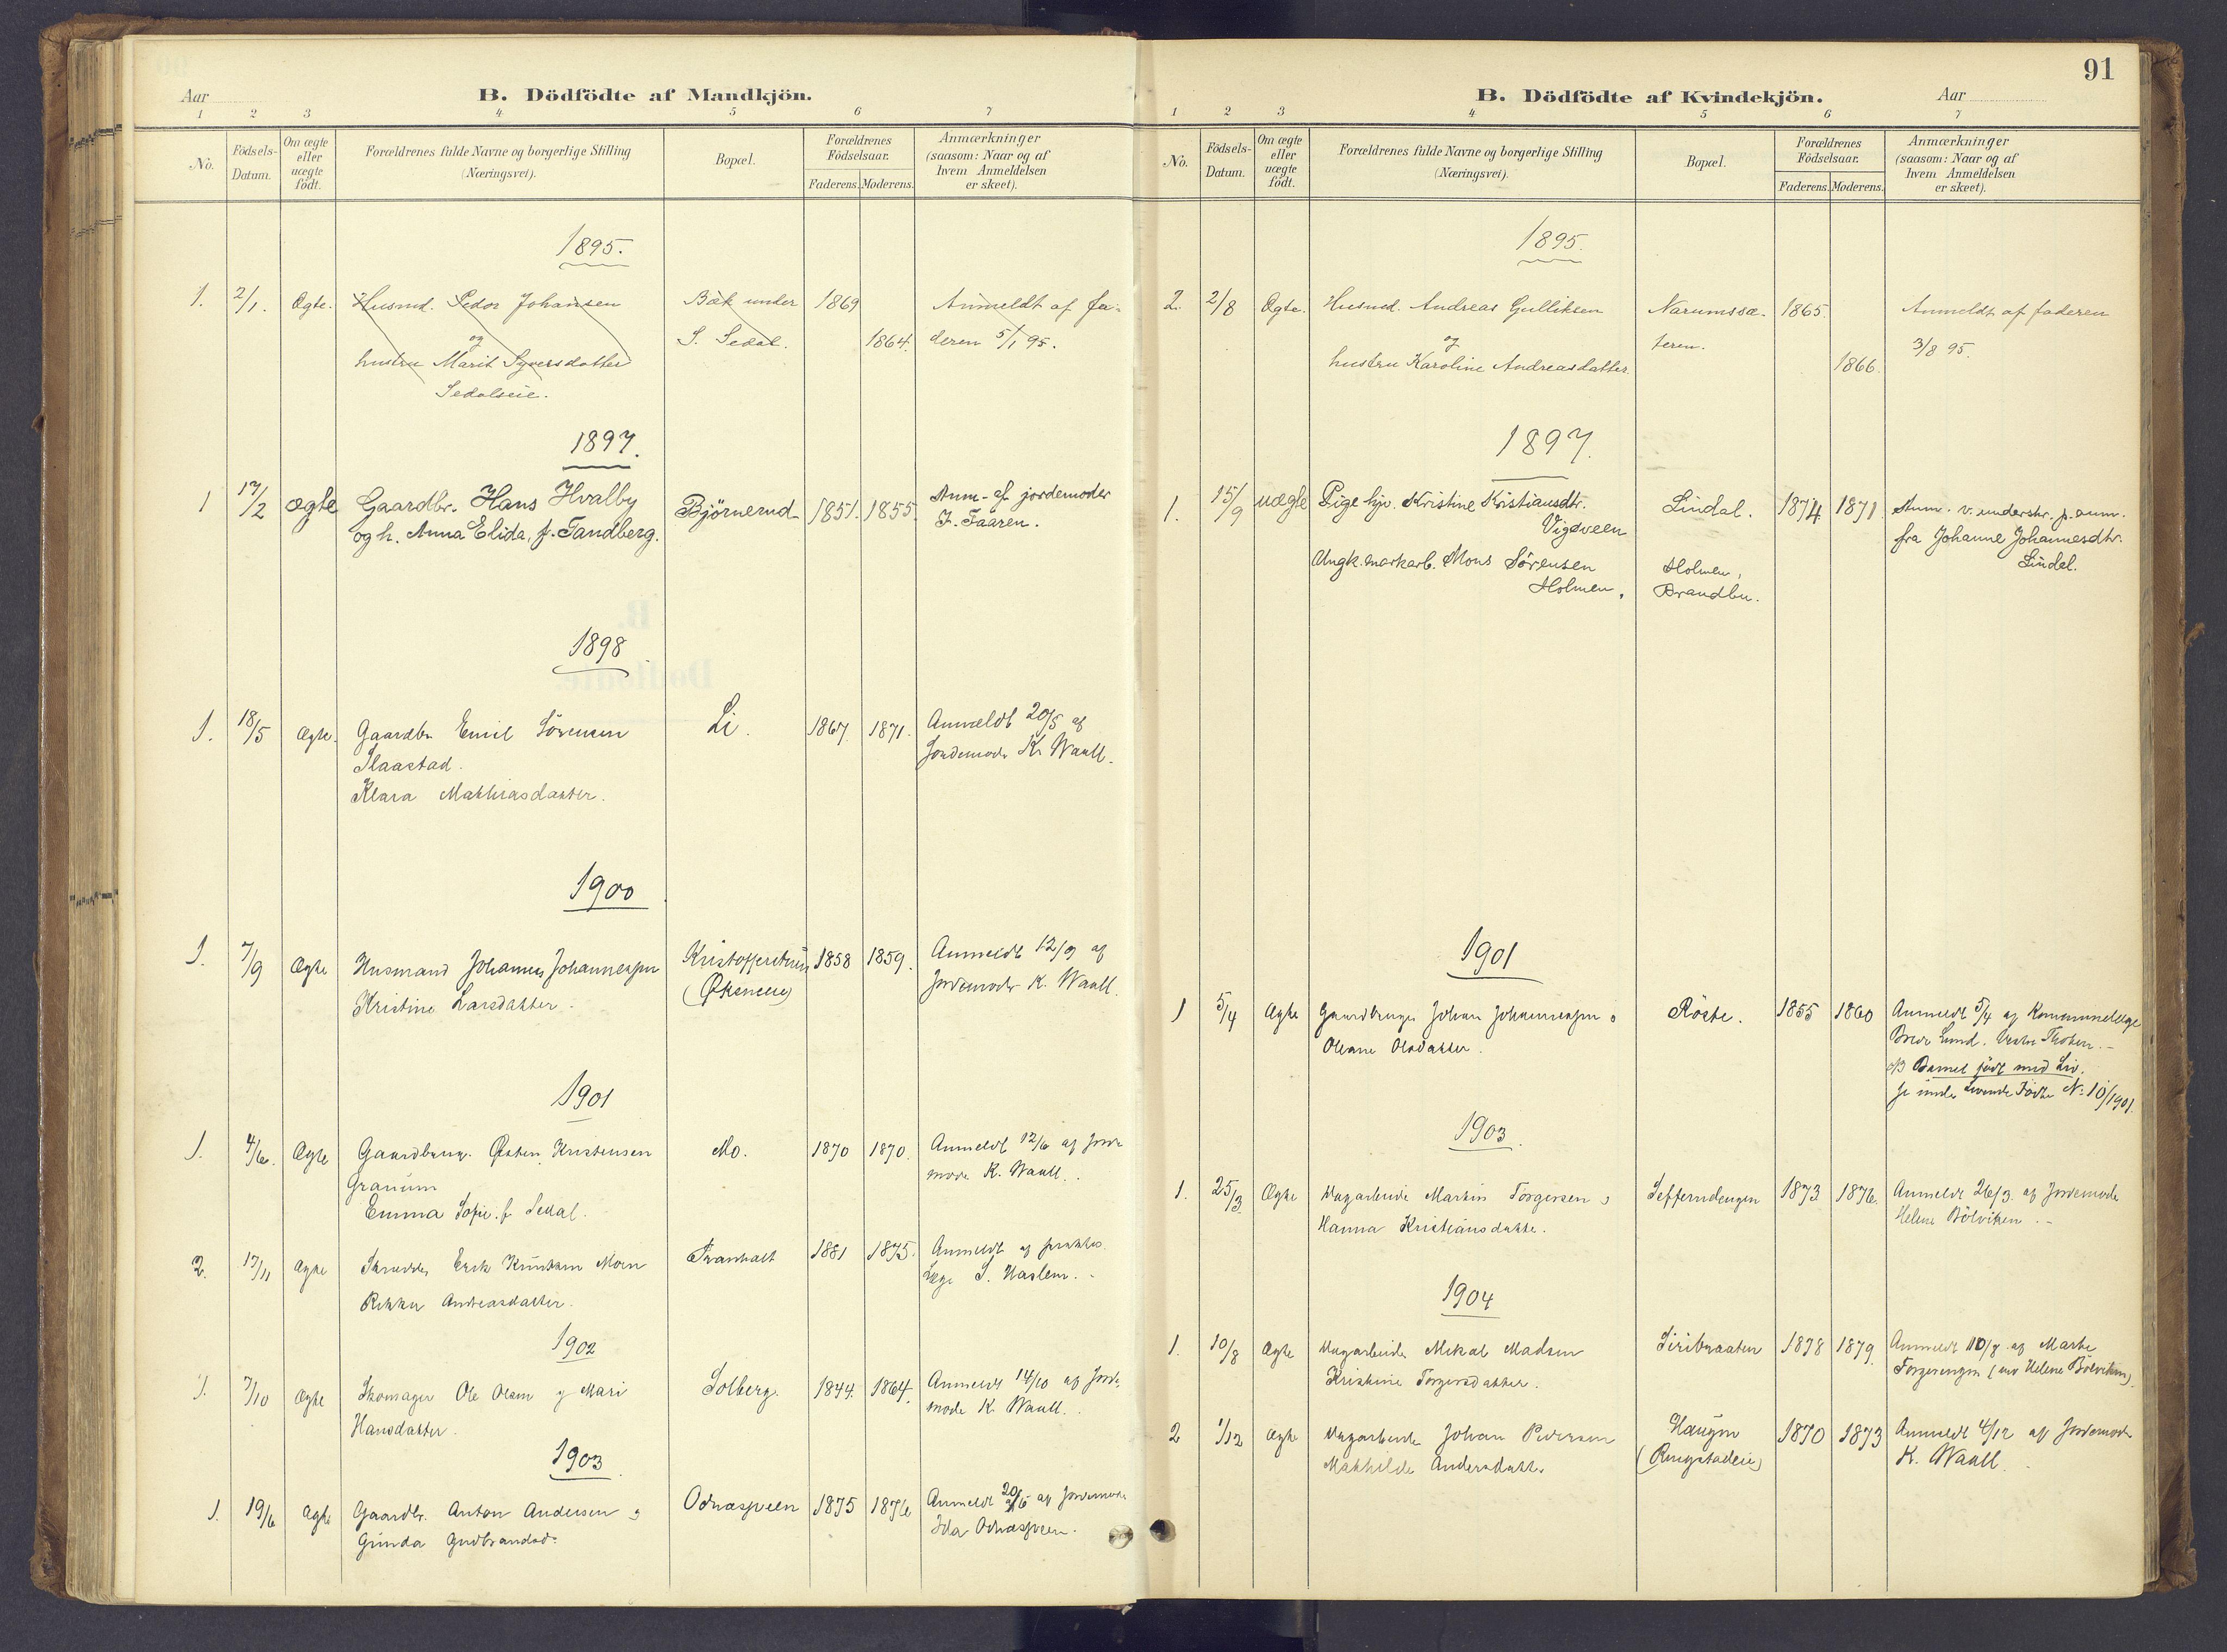 SAH, Søndre Land prestekontor, K/L0006: Ministerialbok nr. 6, 1895-1904, s. 91